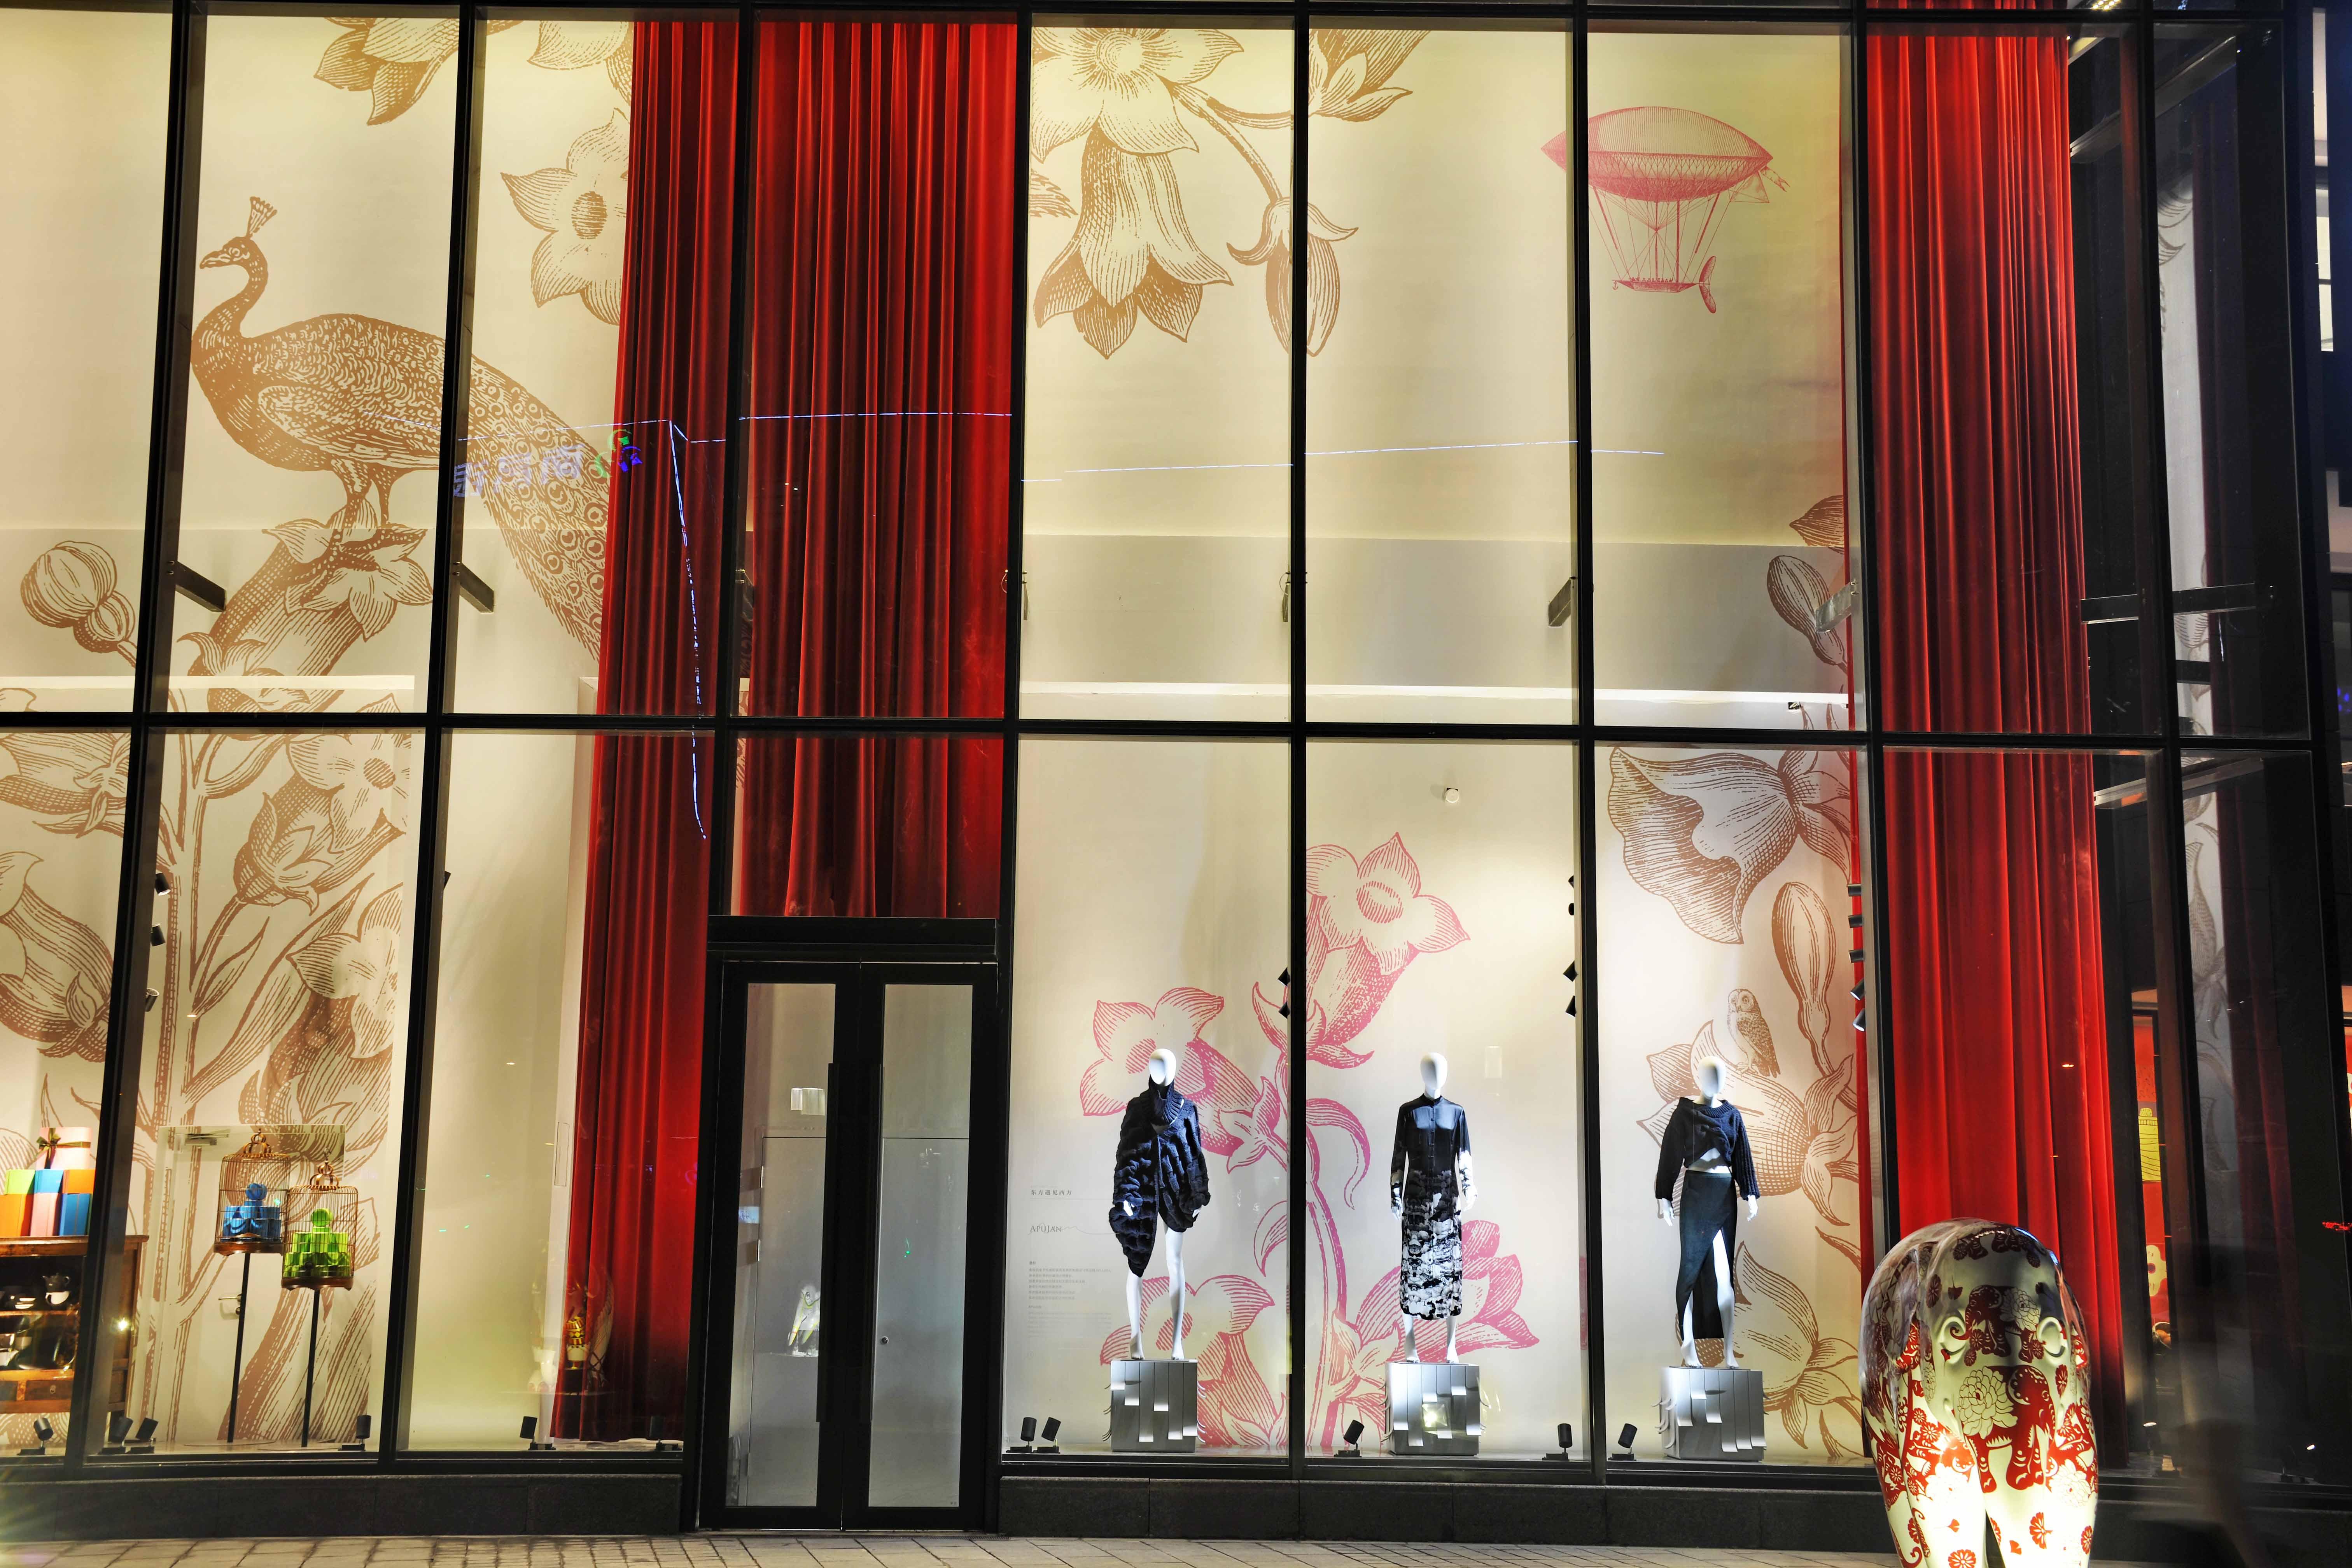 百貨店外櫥窗展示了多款粗針毛衣及針織服裝,展現品牌以針織見長的設計風格